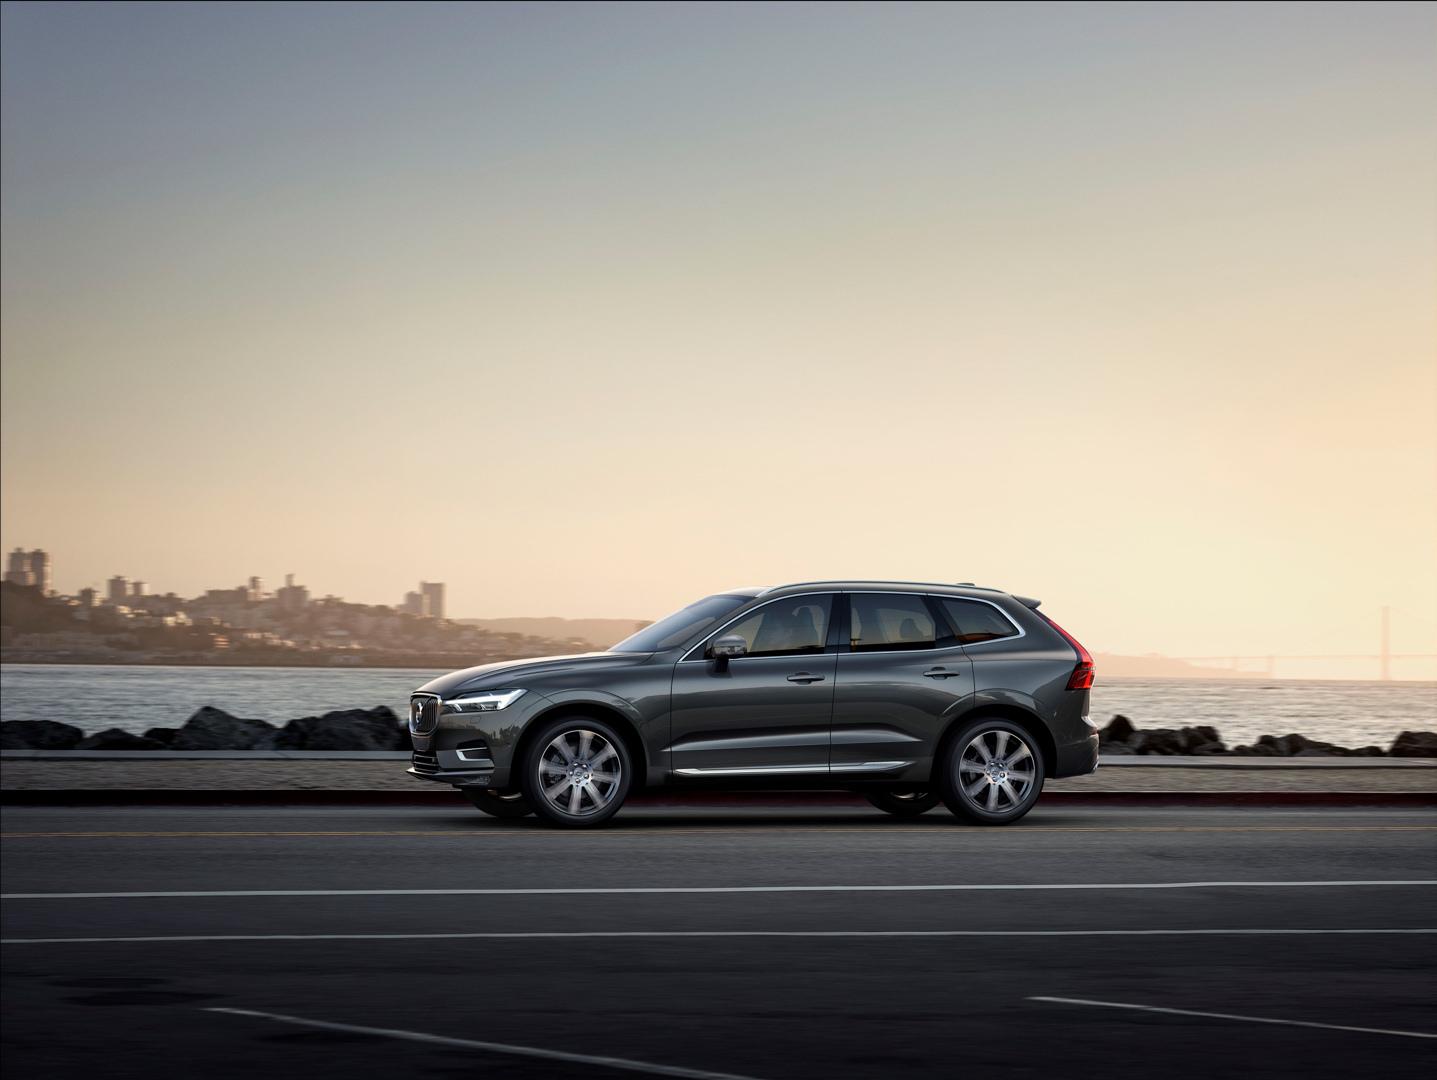 205067_The_new_Volvo_XC60